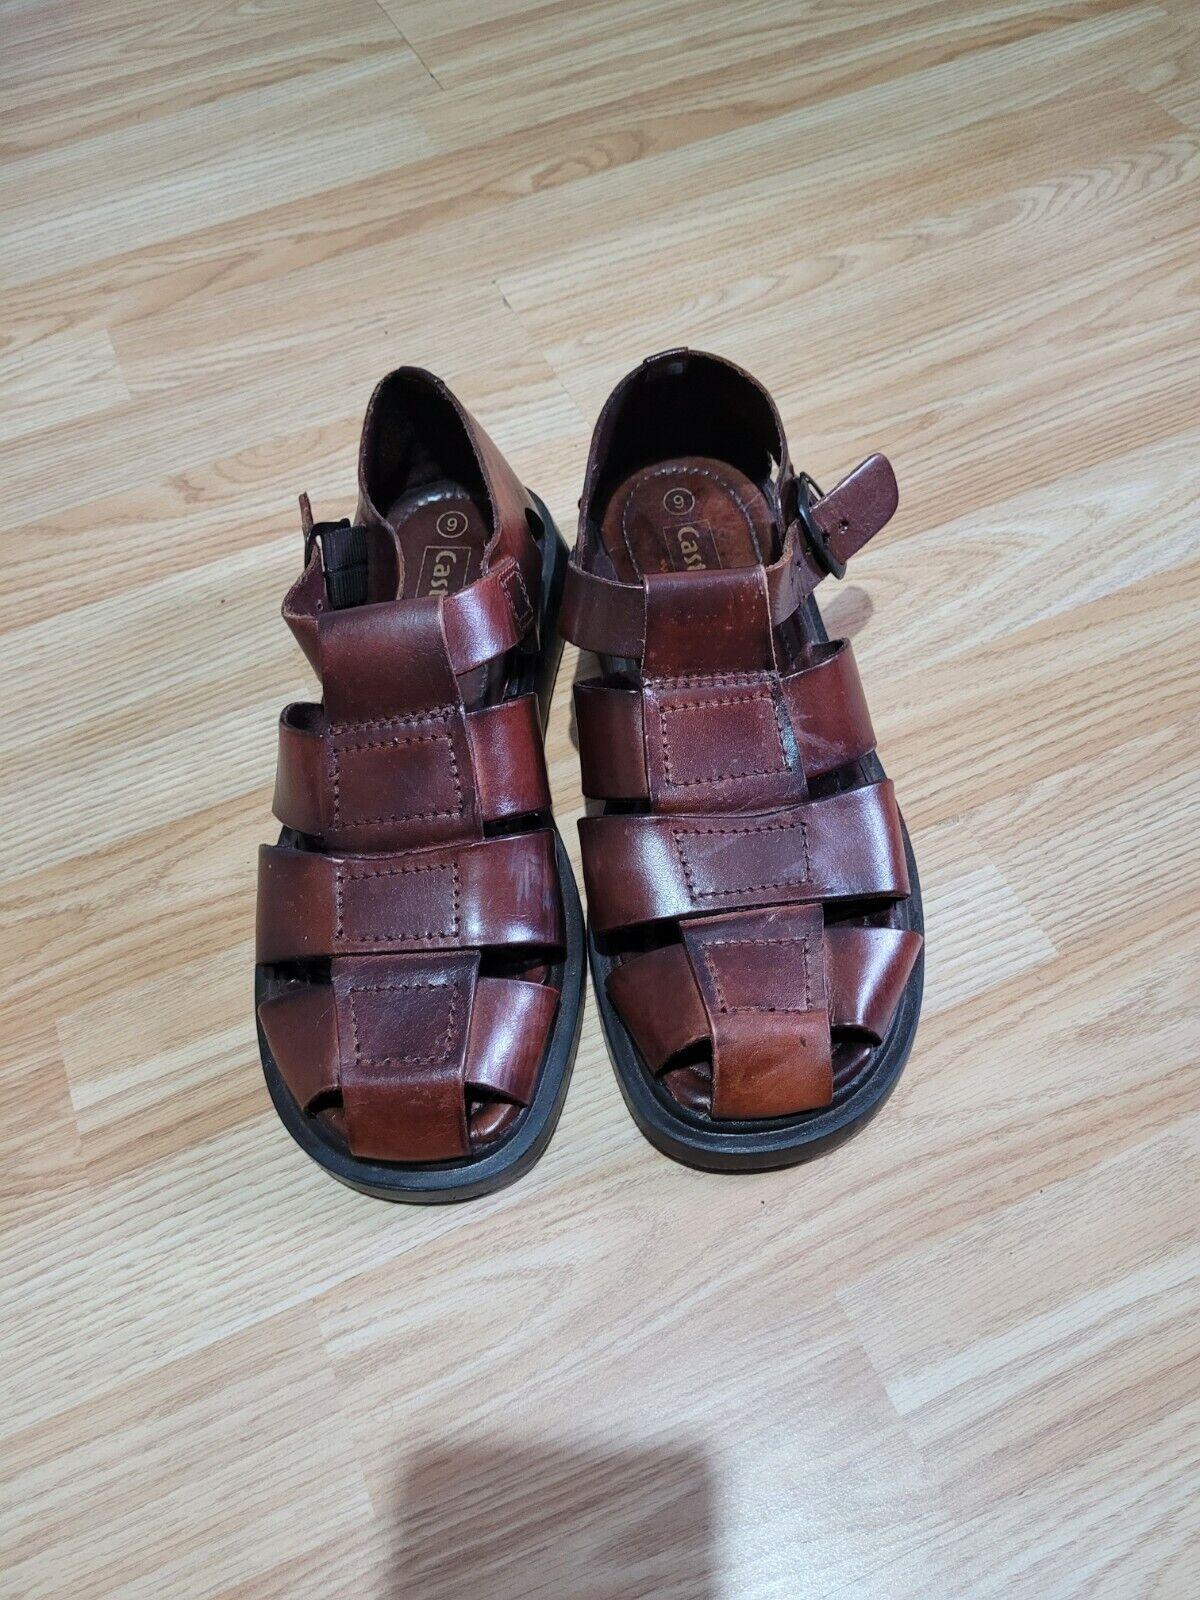 CASTAWAY Mens Leather Gladiator Sandals Brown UK 9